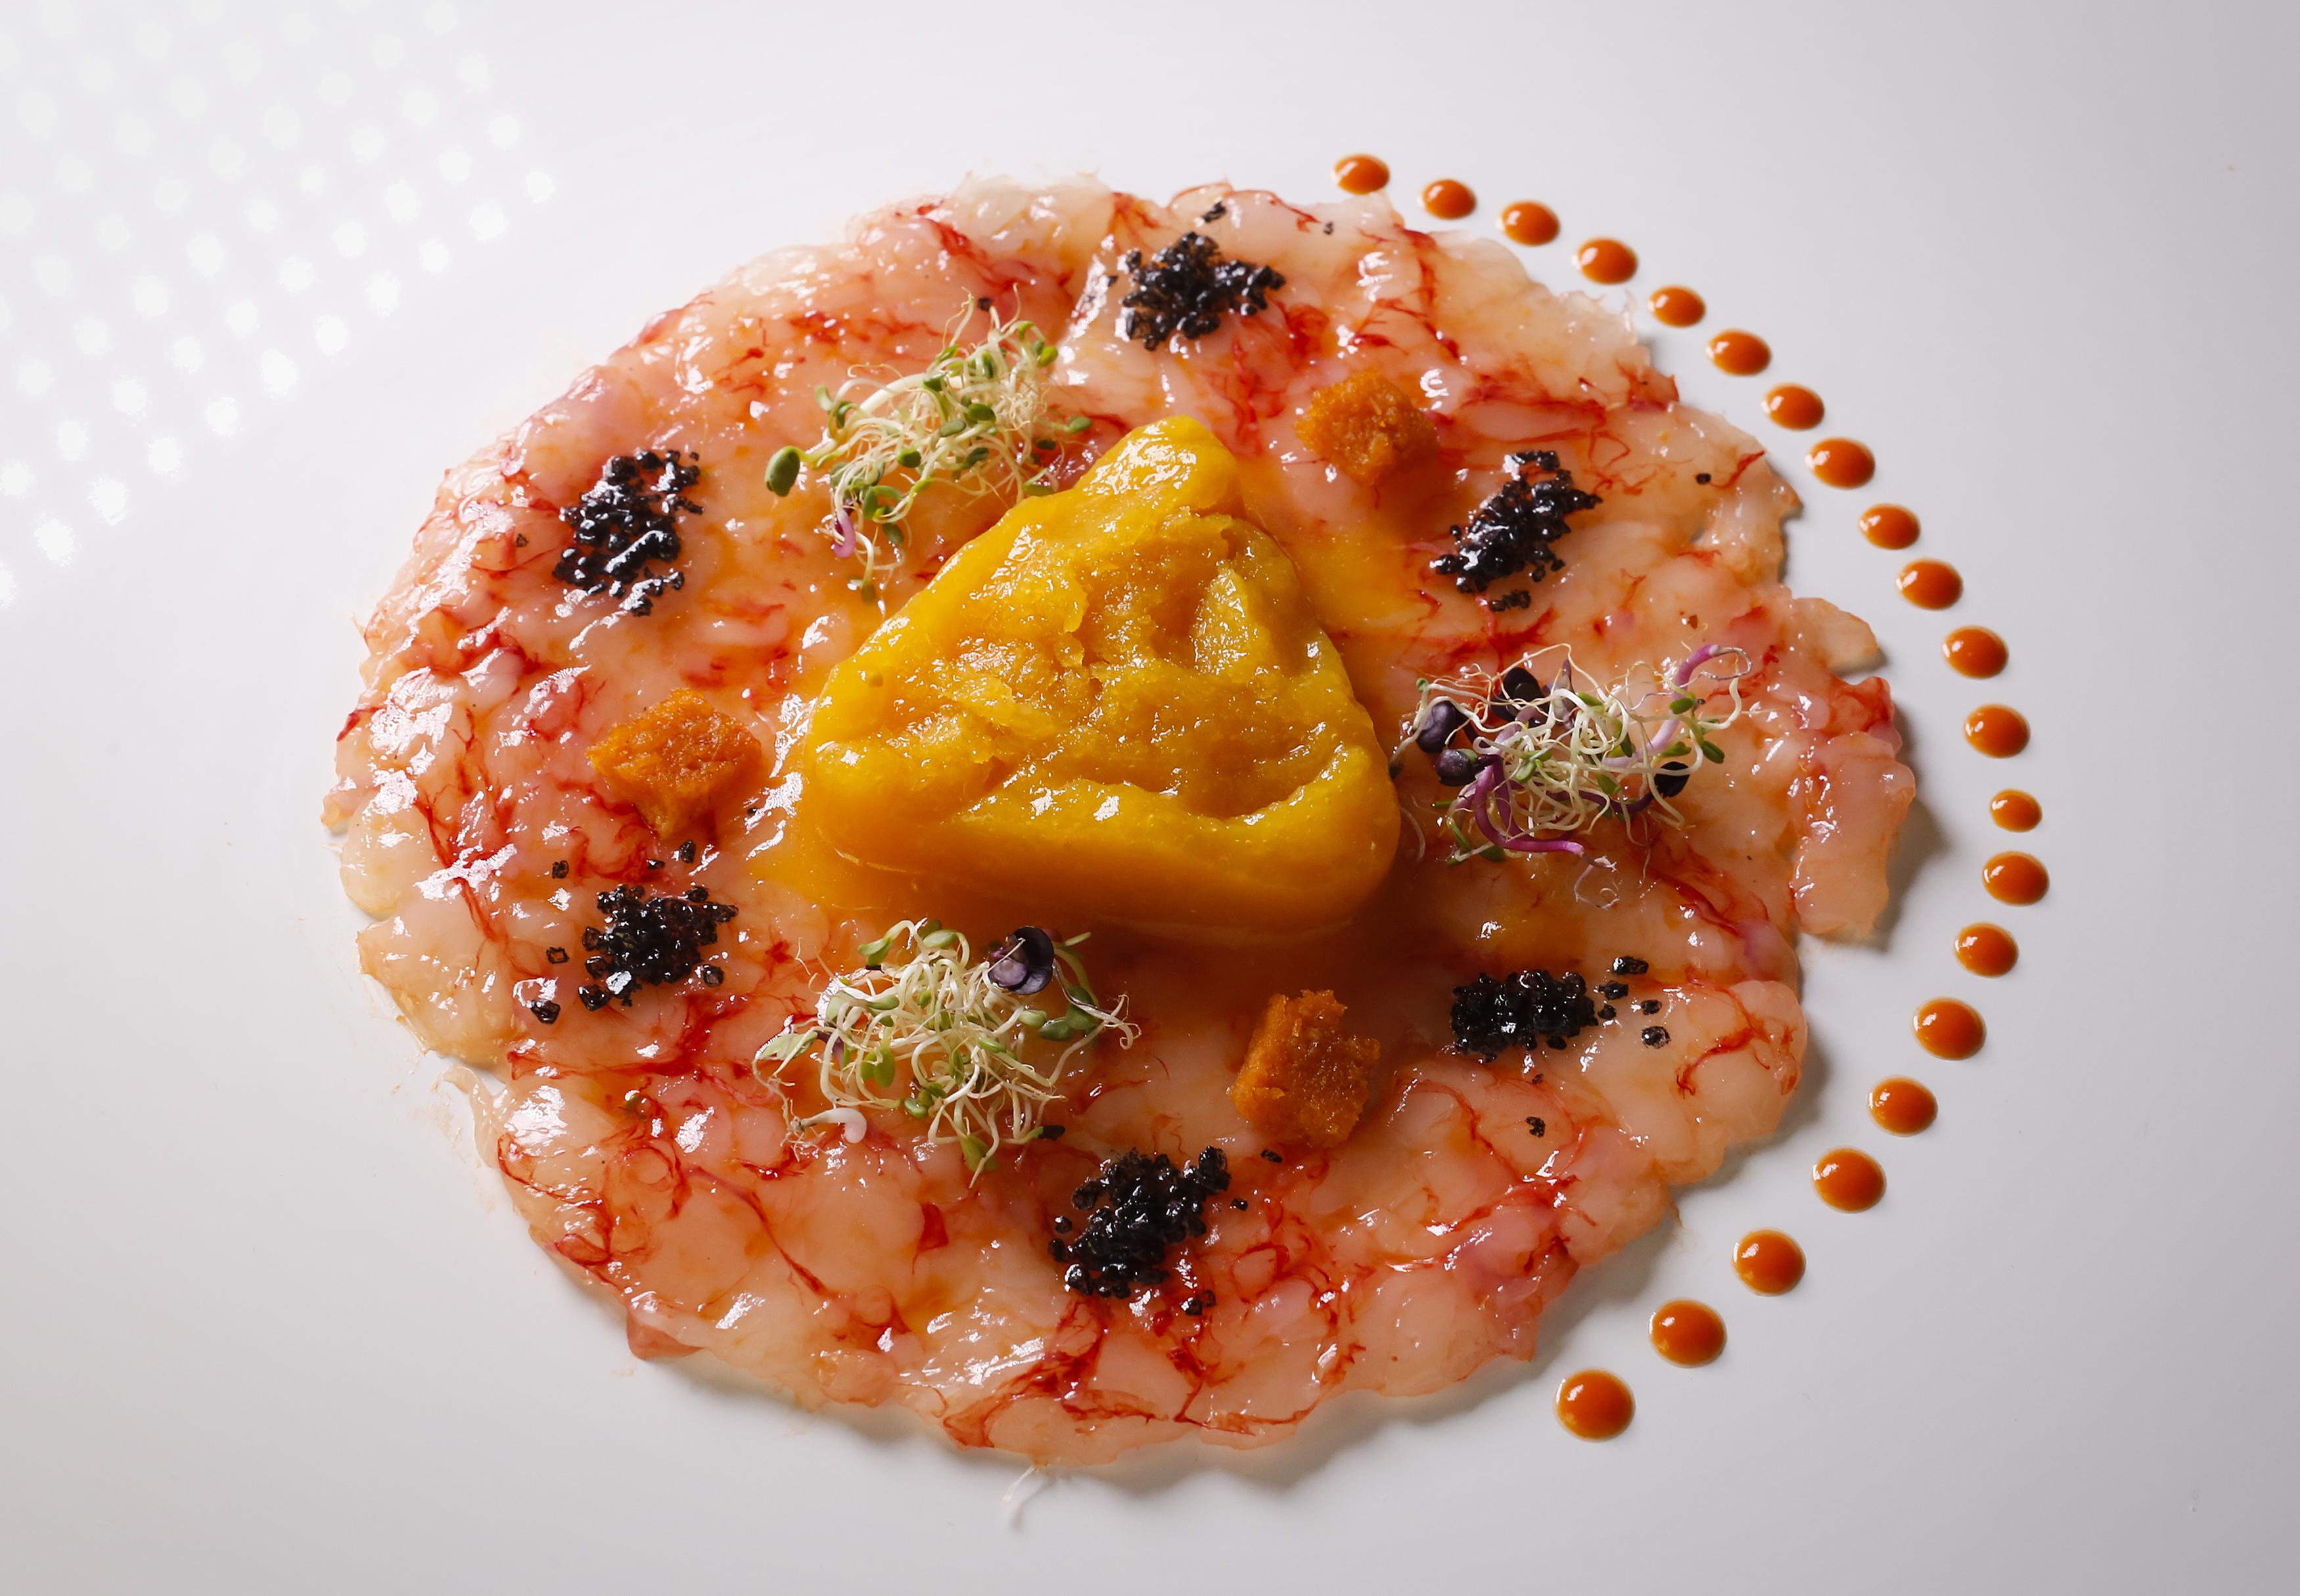 Carpaccio di gamberi rossi, sfumature di pomodoro rosso e giallo, germogli e sale nero di Cipro